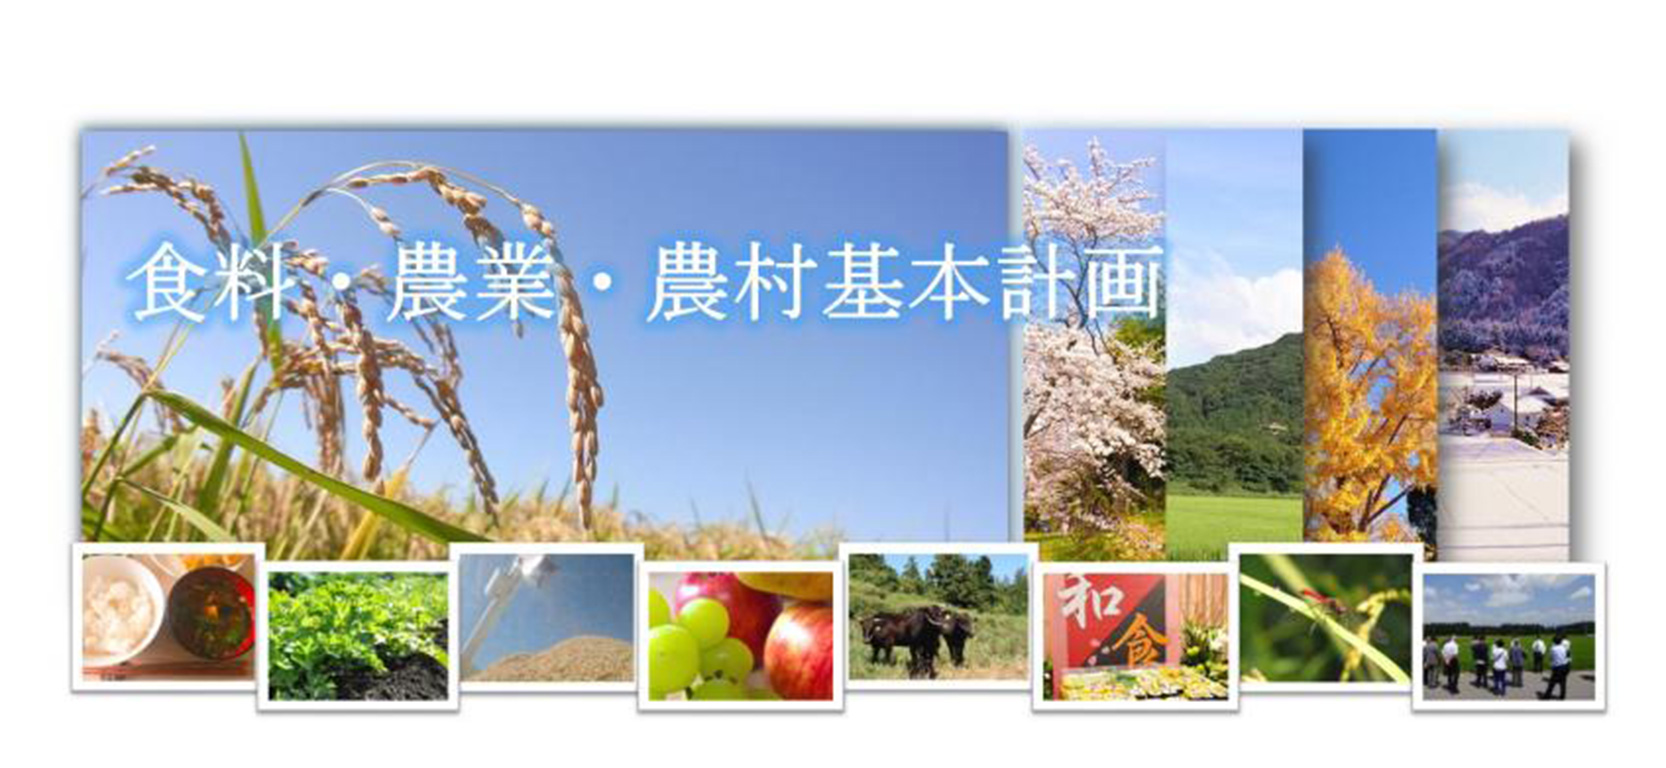 農林水産省「食料・農業・農村基本計画」